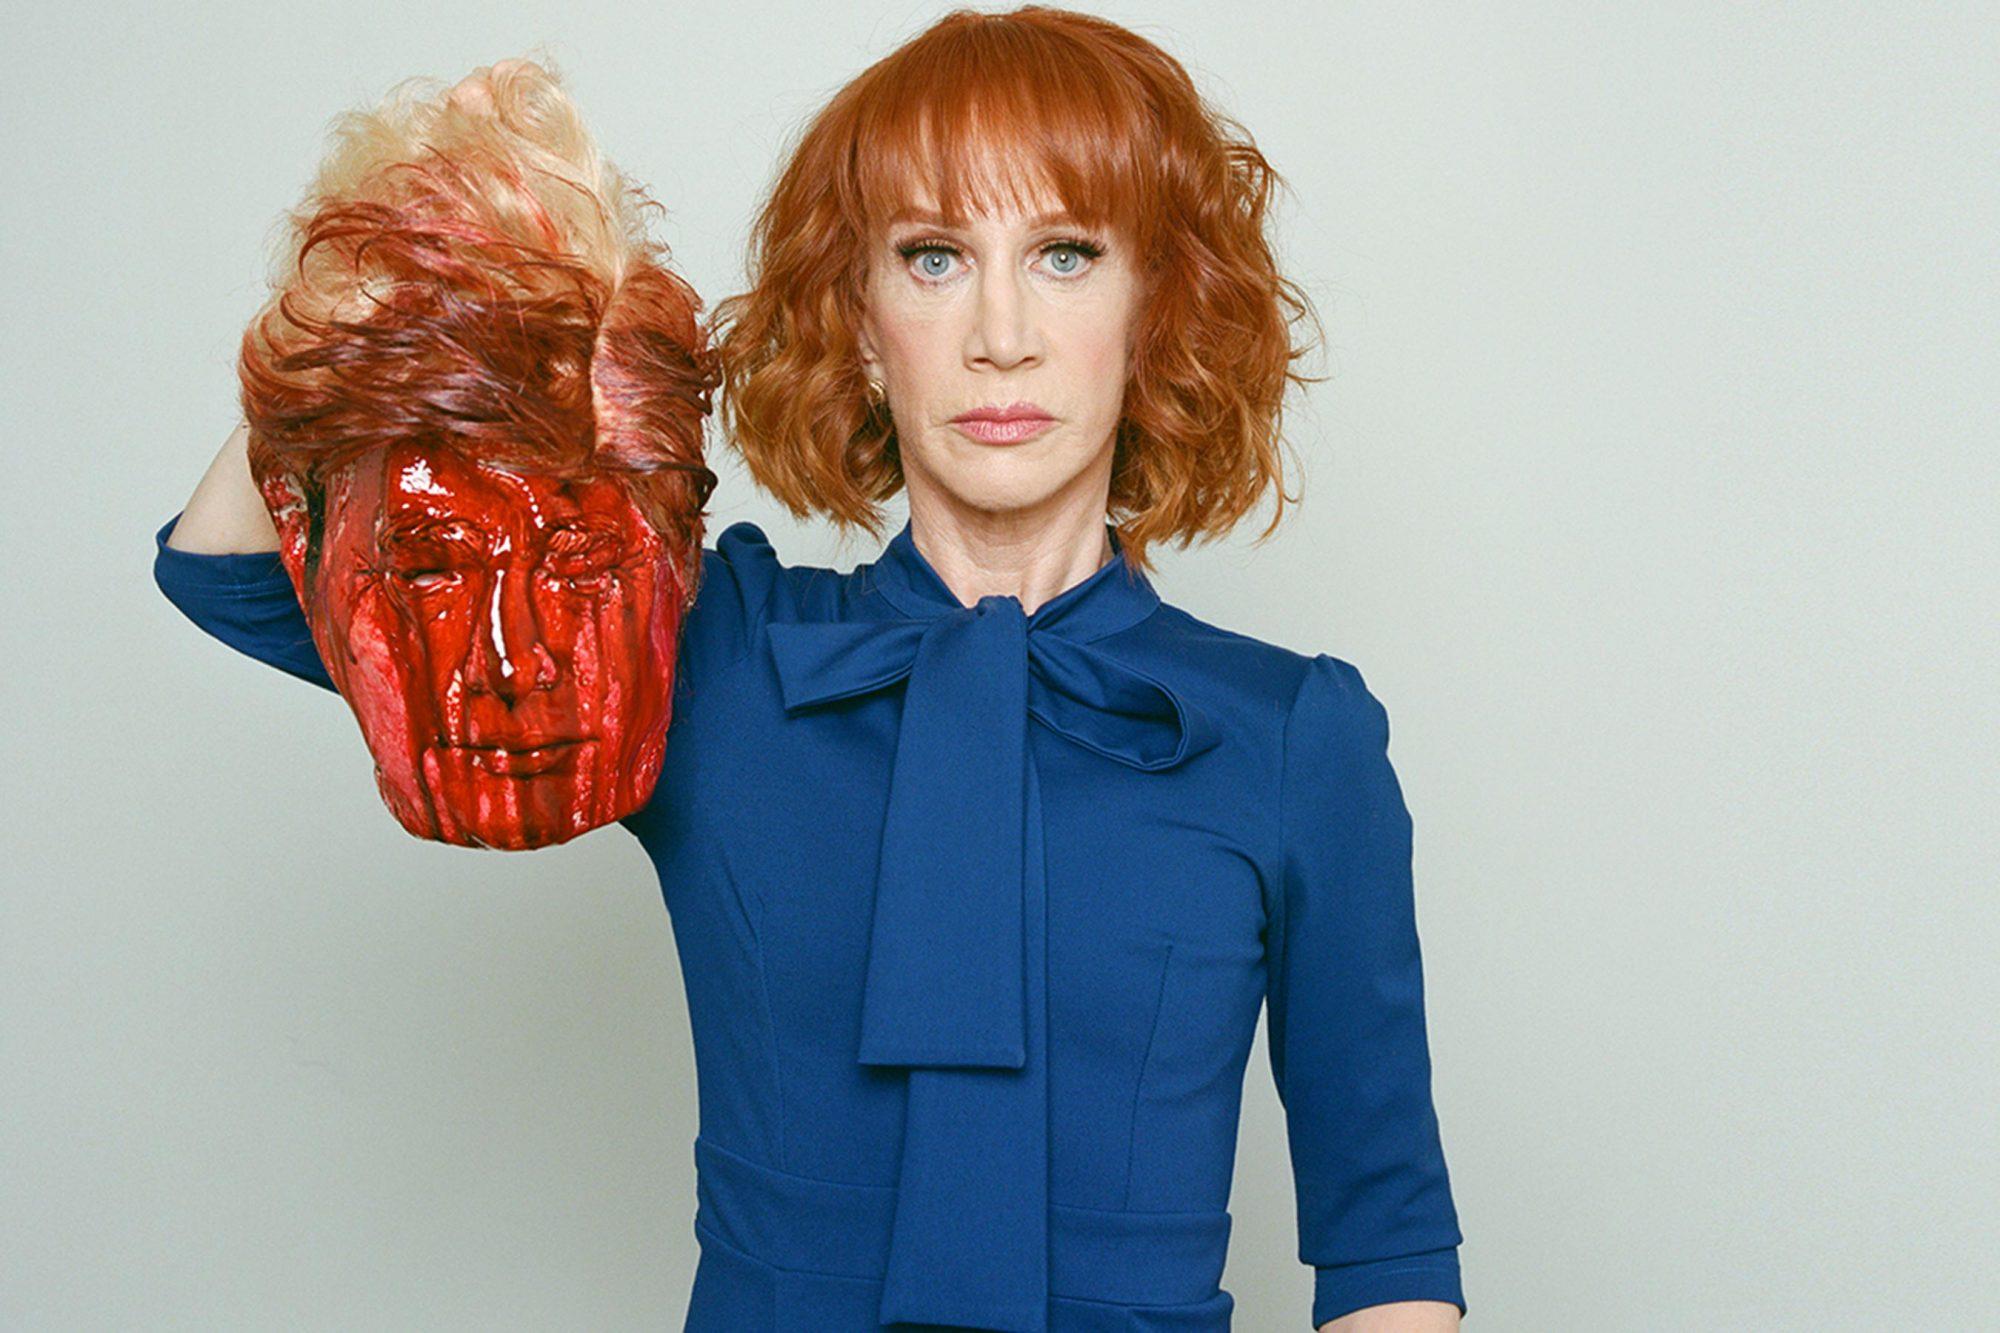 Kathy-griffin-trump